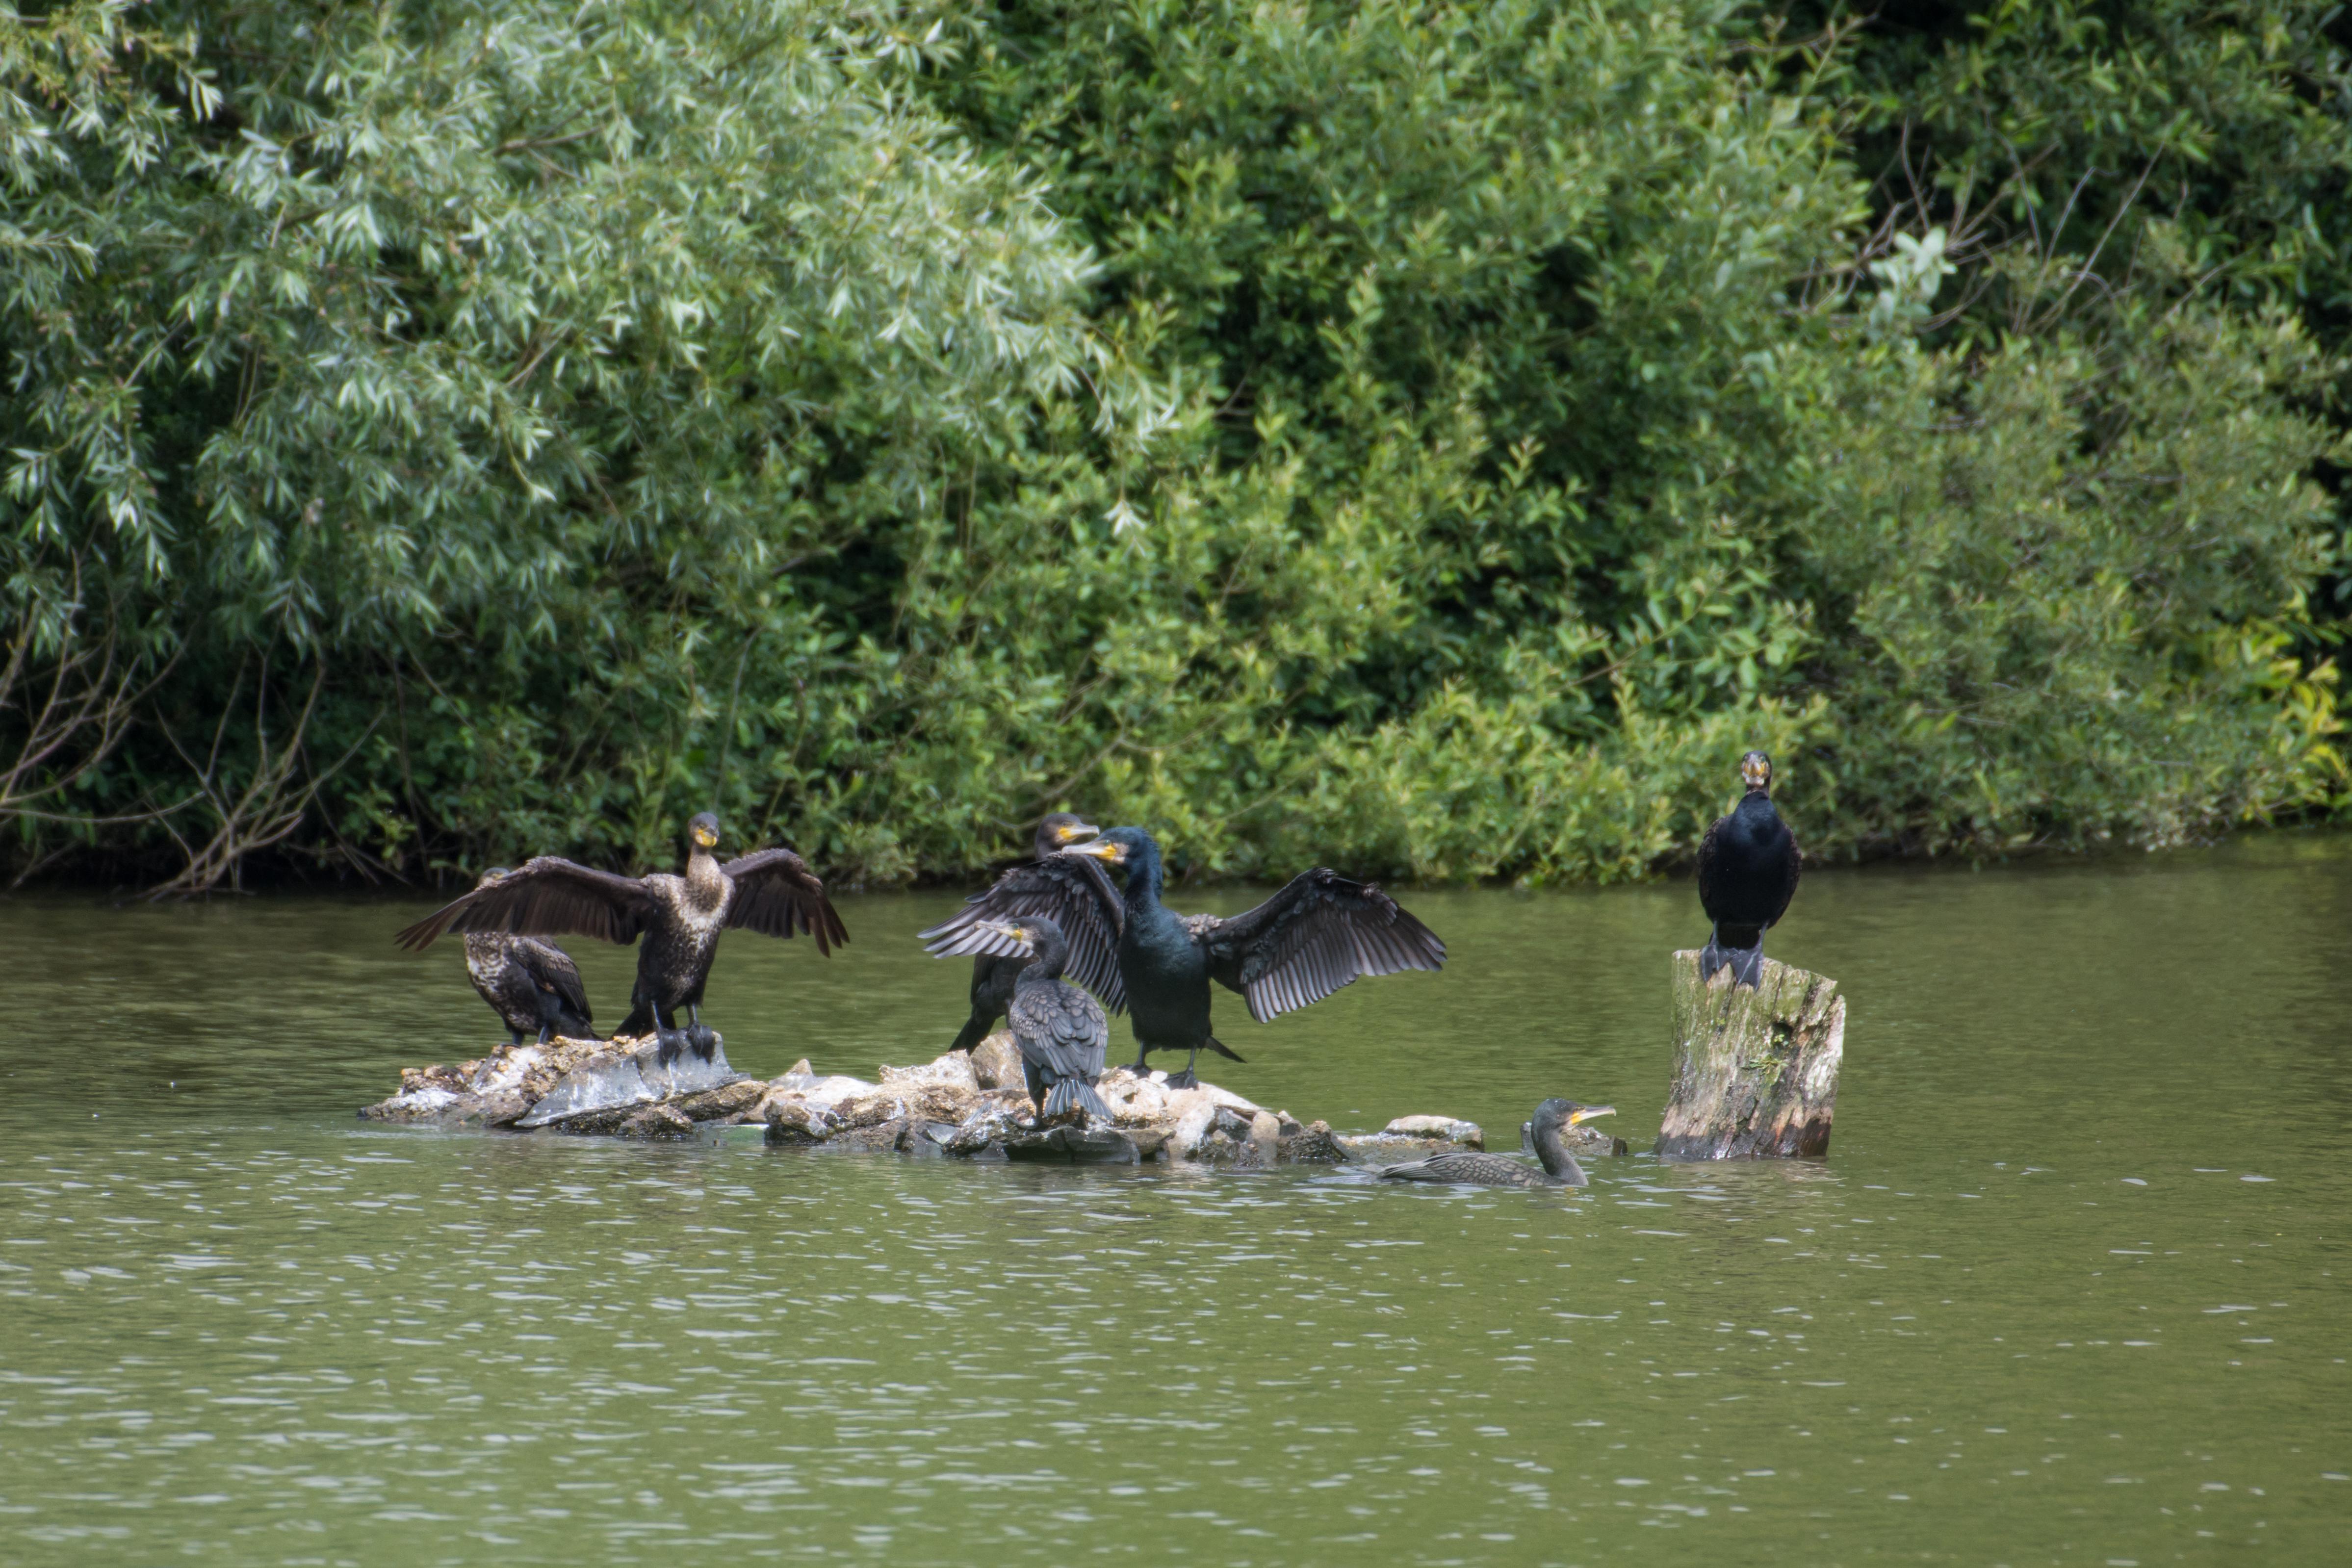 DAVID_JEFFERY Weir Wood Reservoir and Ashdown Forest 16.06.18 0022